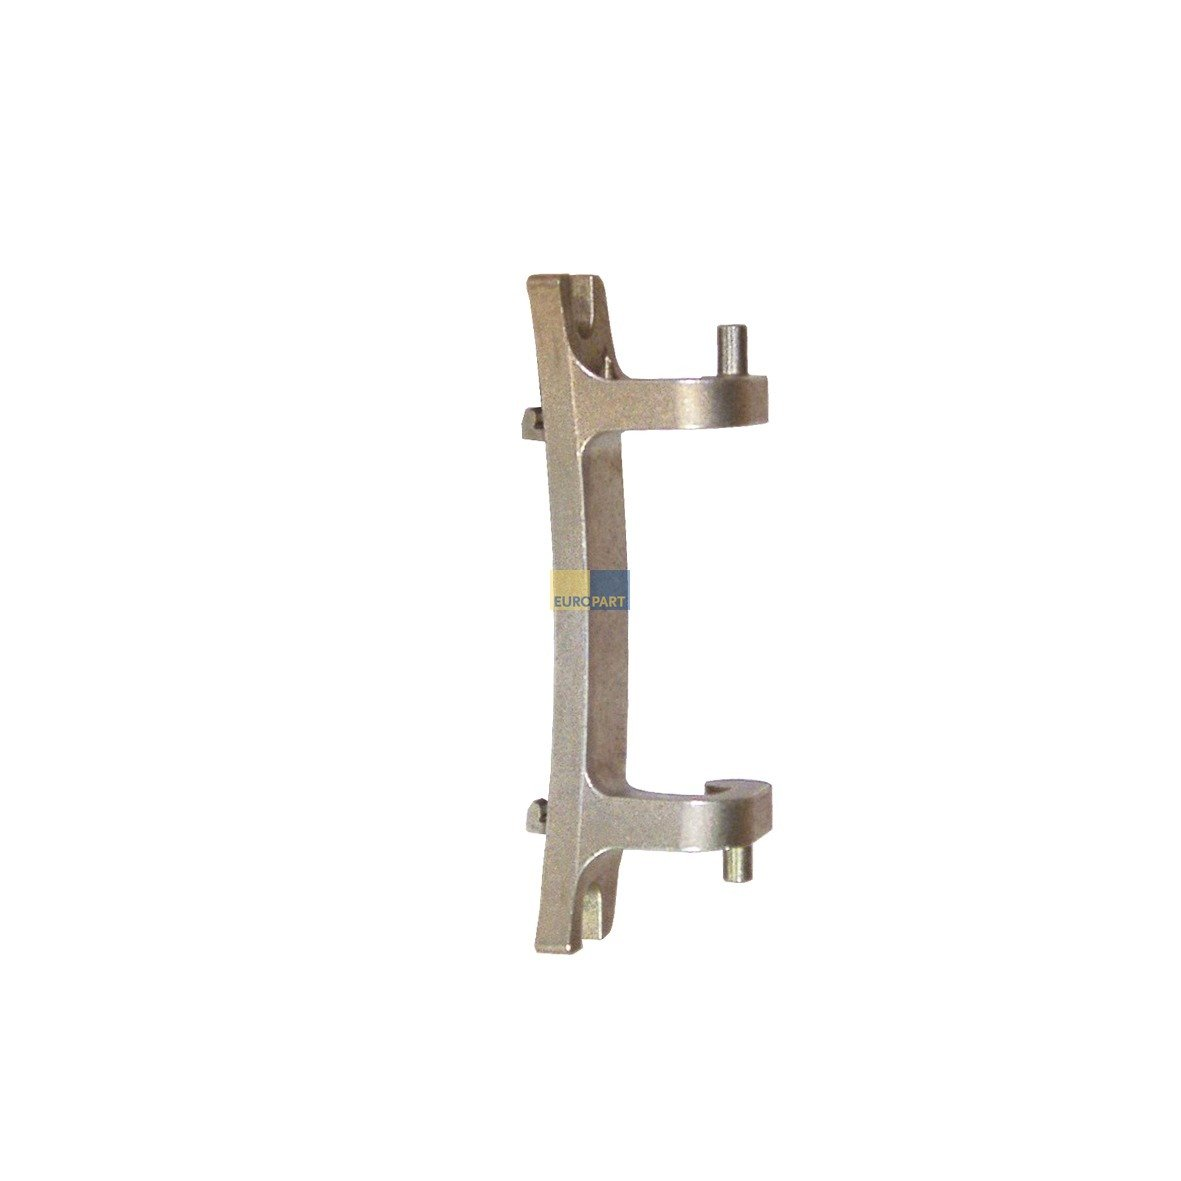 ORIGINAL-Trscharnier-Frontlader-Waschmaschinen-00171269